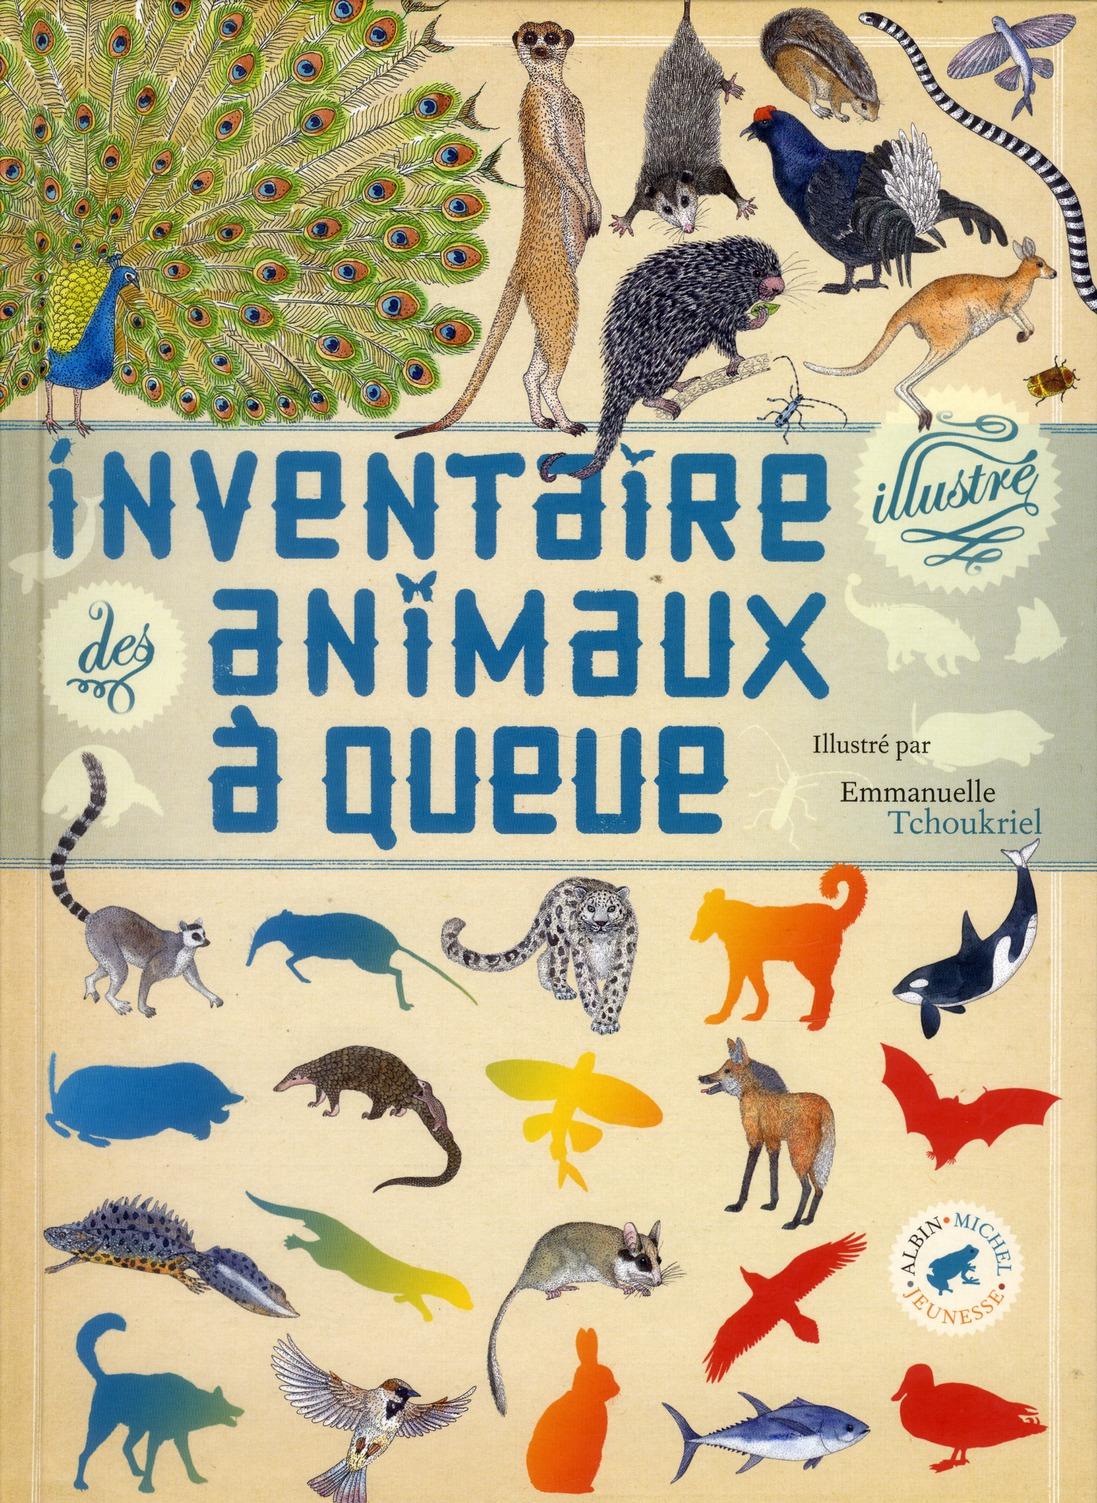 INVENTAIRE ILLUSTRE DES ANIMAUX A QUEUE